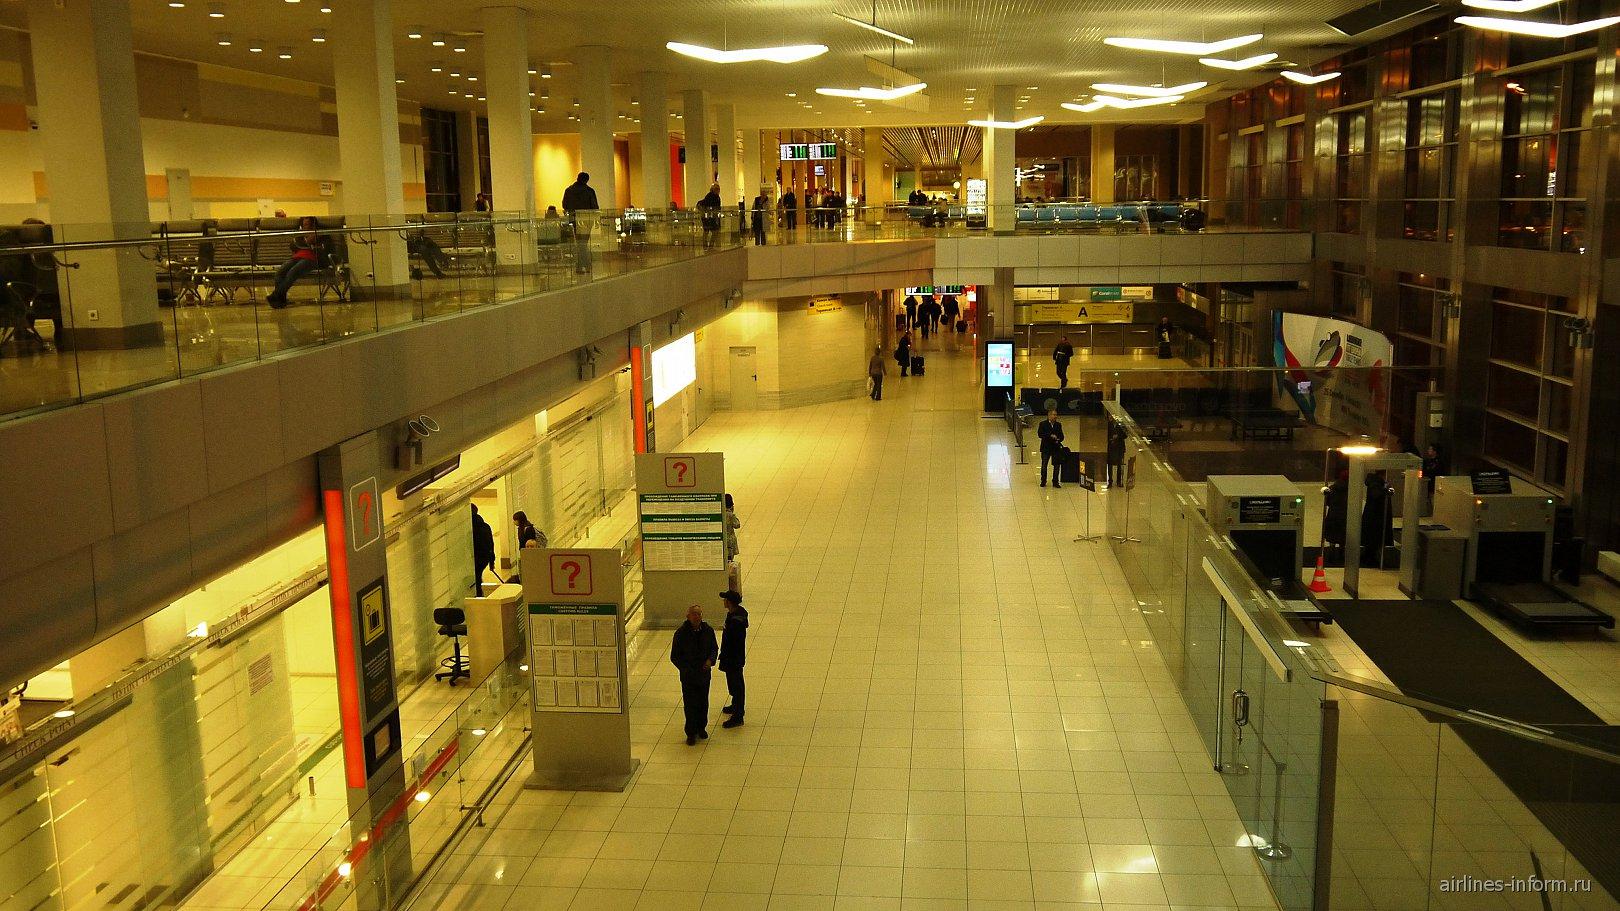 Международный сектор аэропорта Екатеринбург Кольцово